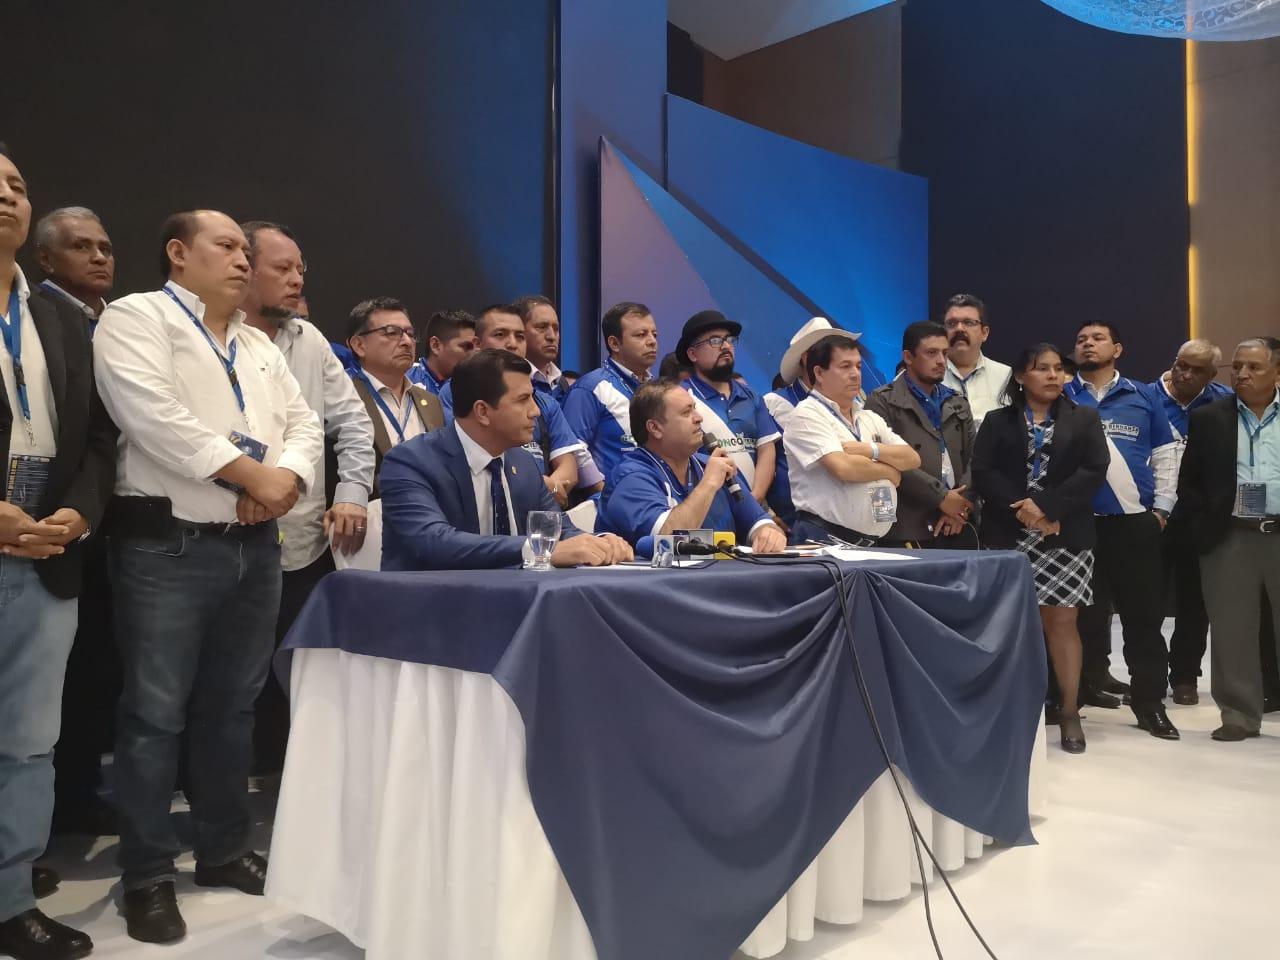 Alcaldes denuncian injerencia del Ejecutivo en elección de la Anam